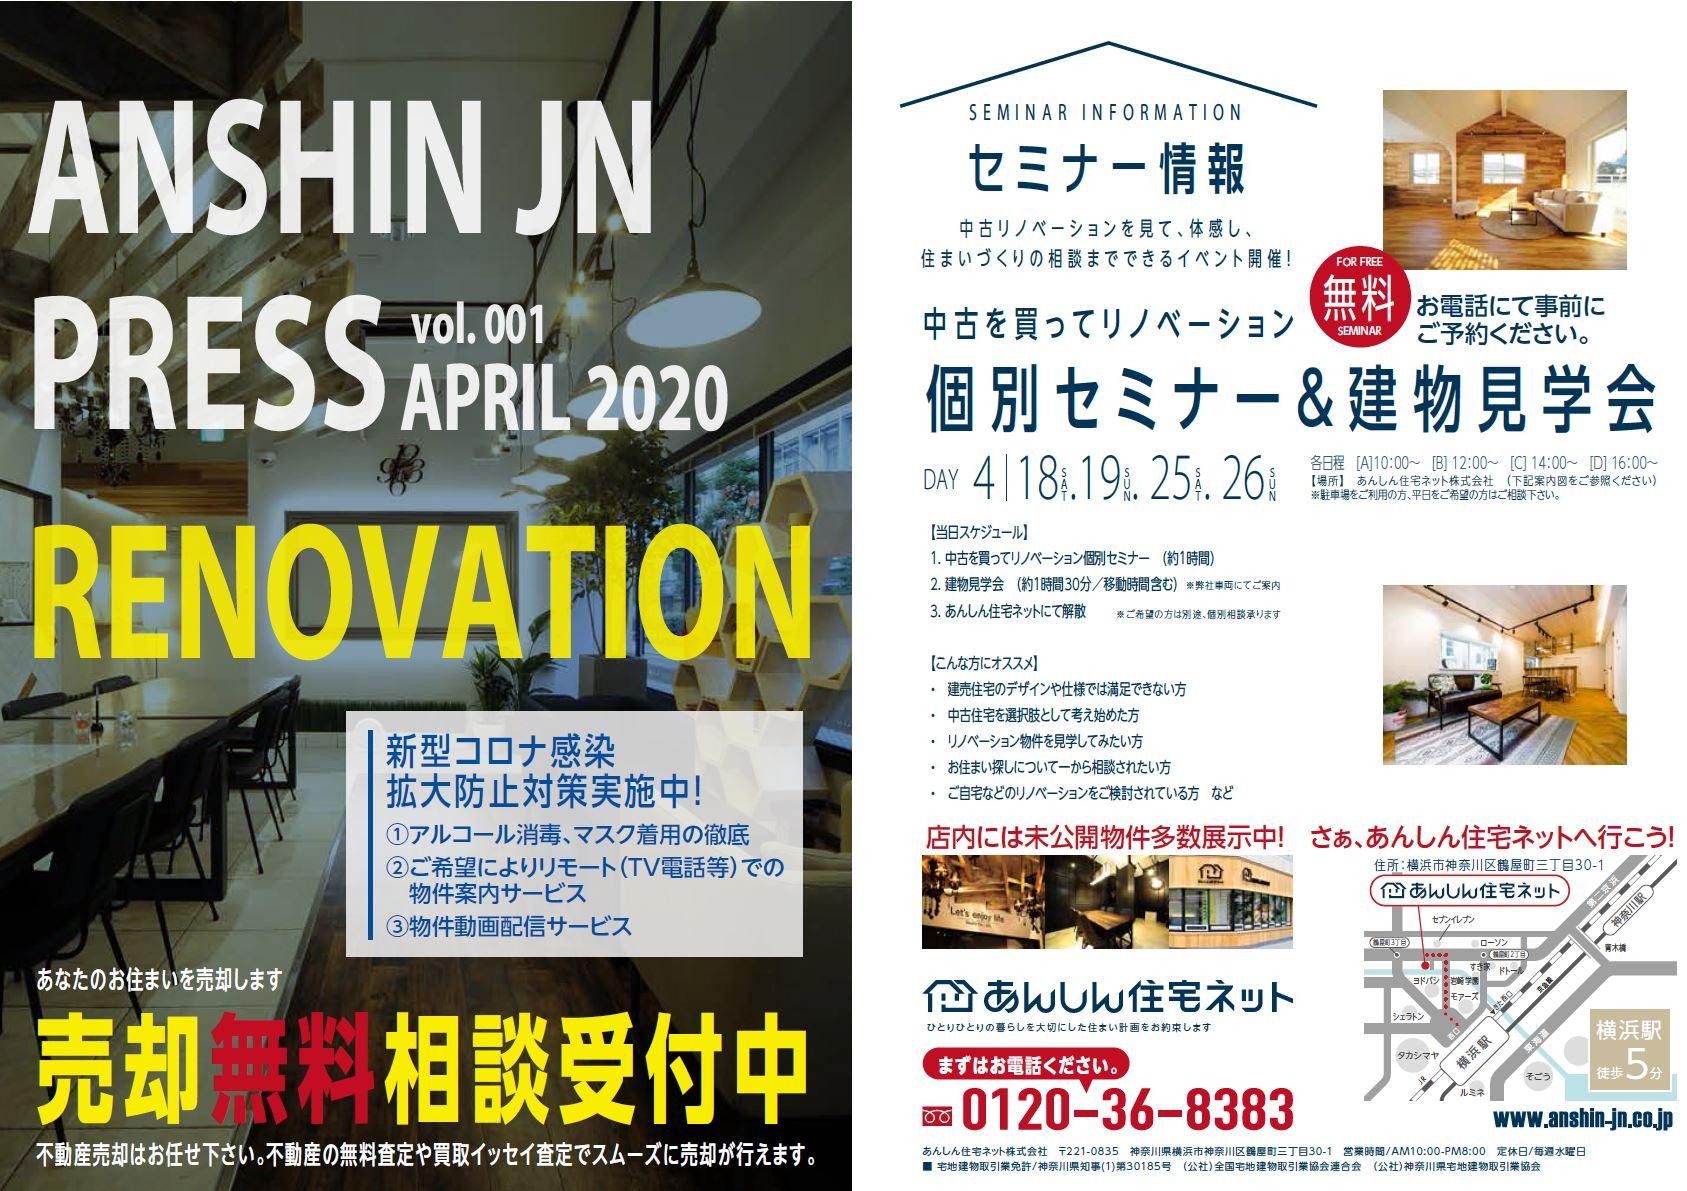 【無料・1日4回開催】個別セミナー&建物見学会 4/26(日)16時~